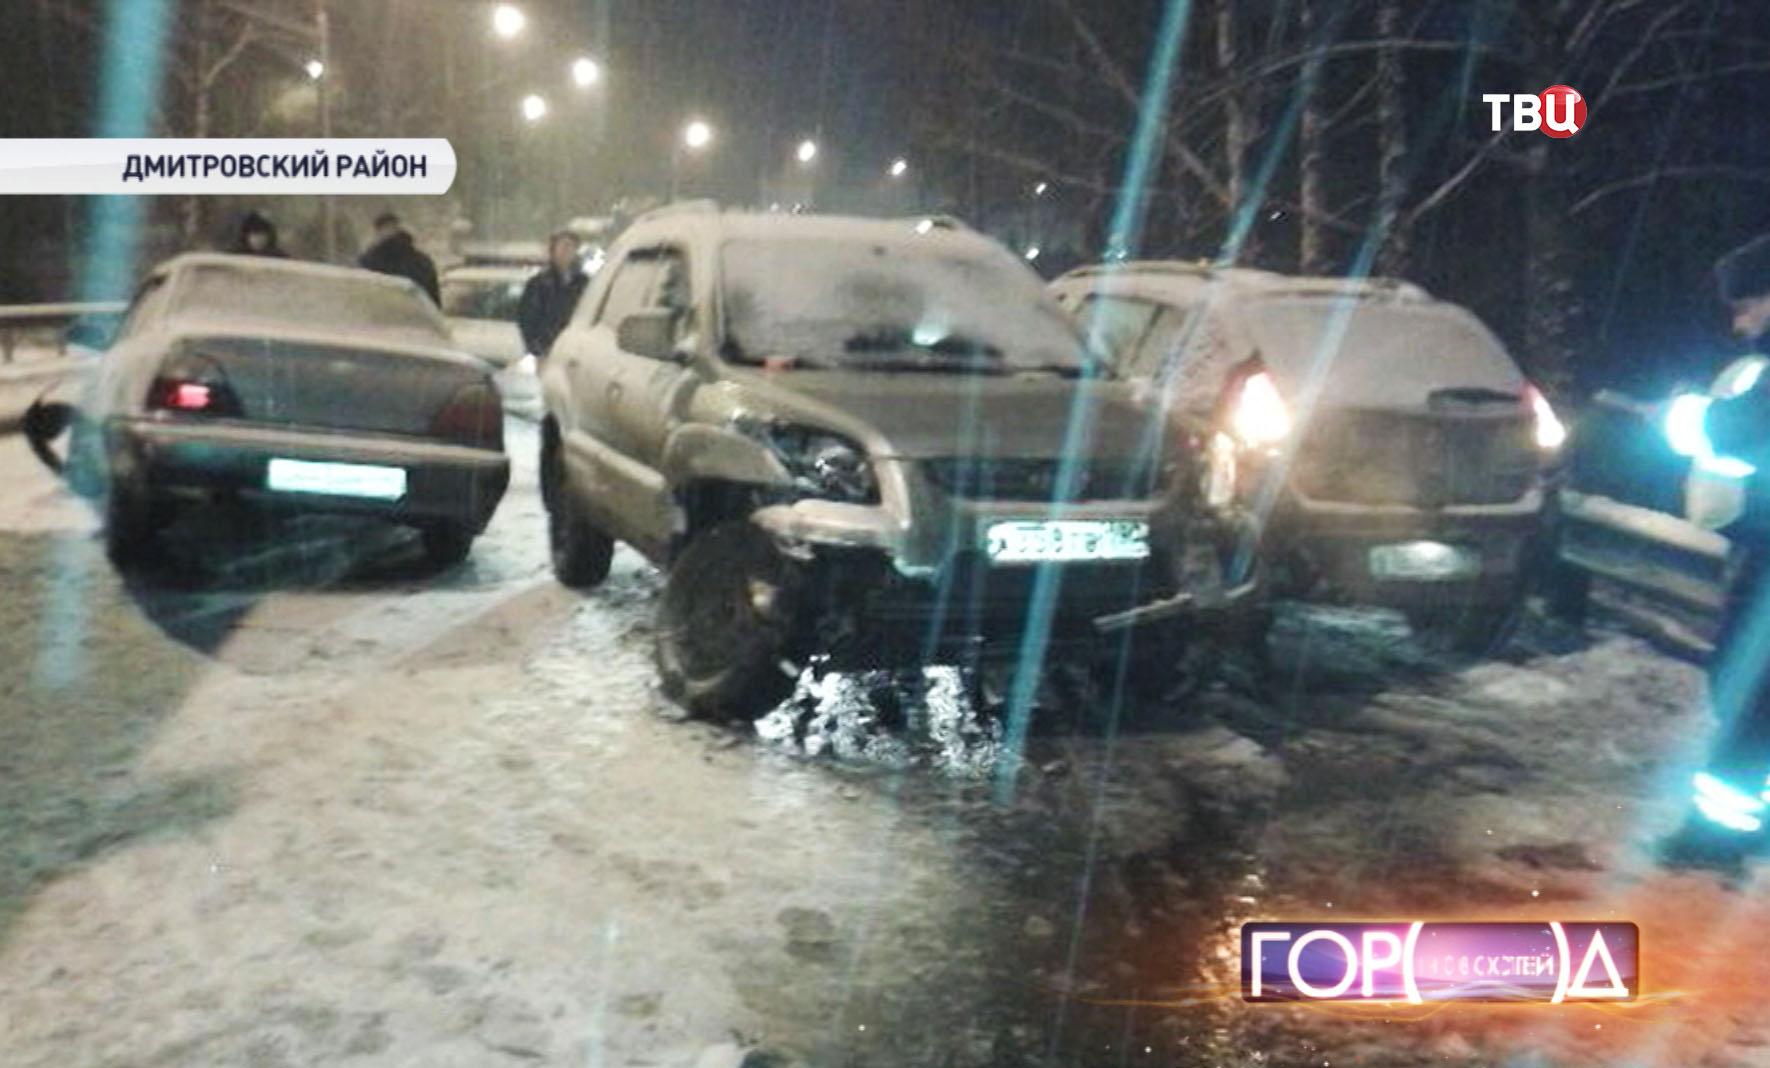 ДТП в Дмитровском районе Подмосковья